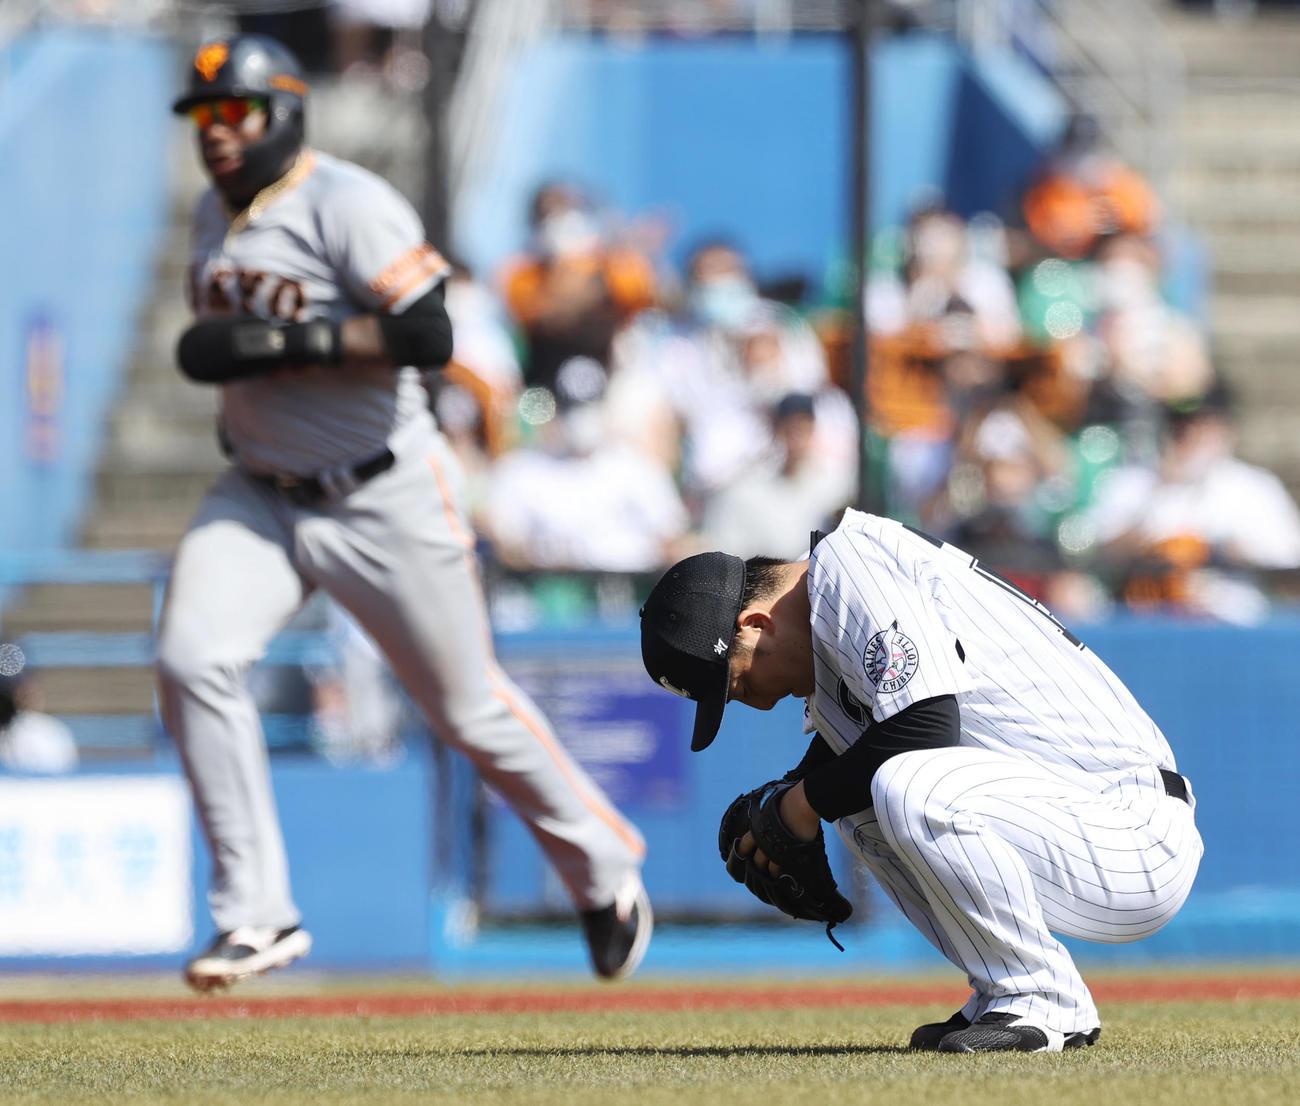 ロッテ対巨人 3回表巨人無死一、三塁、岡本和に2打席連続となる左越え3点本塁打を浴びしゃがみ込んで肩を落とす美馬(撮影・垰建太)